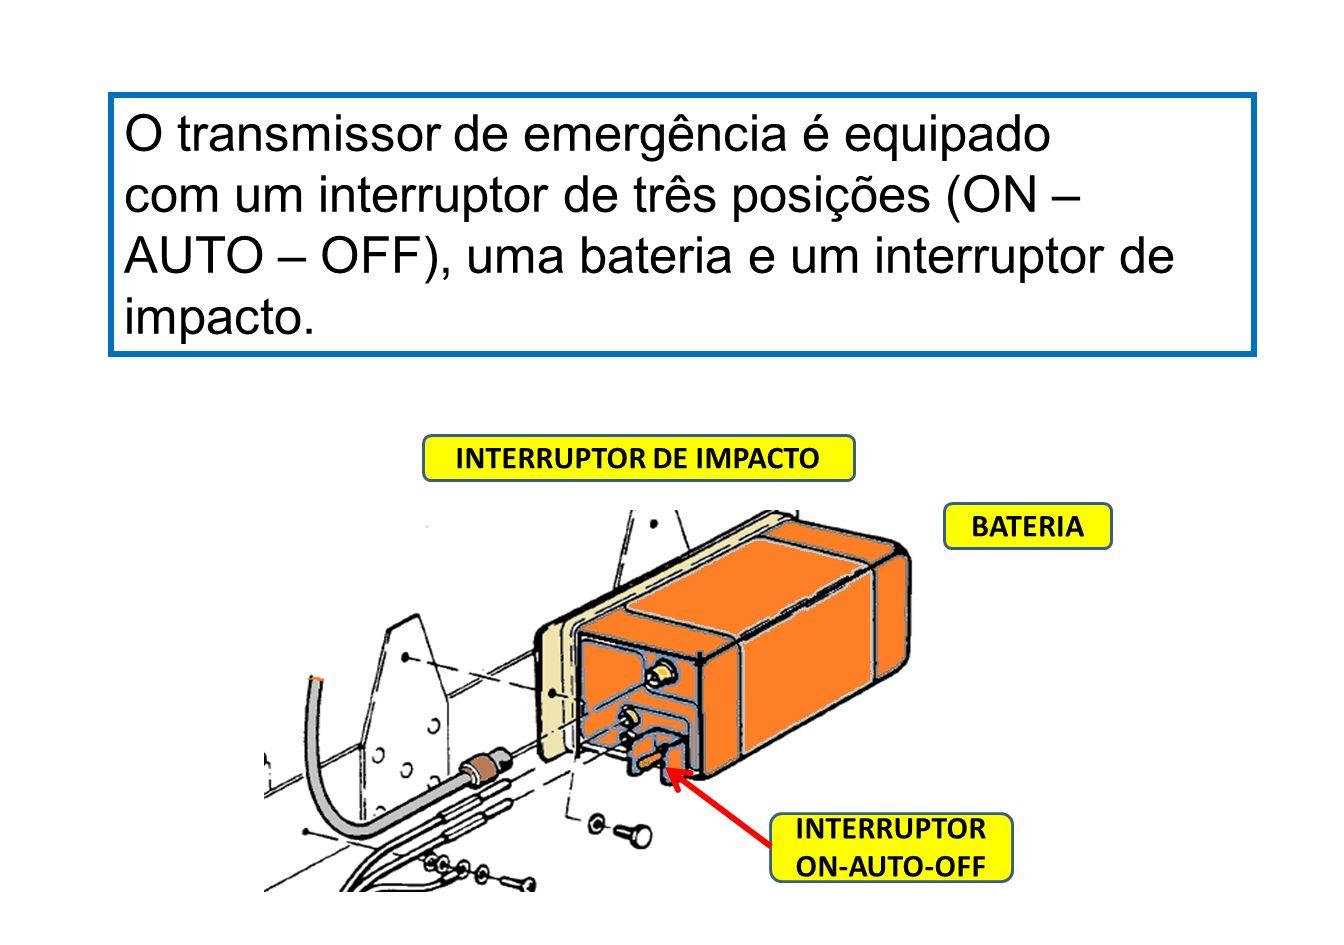 Posição ON – operação manual do equipamento.